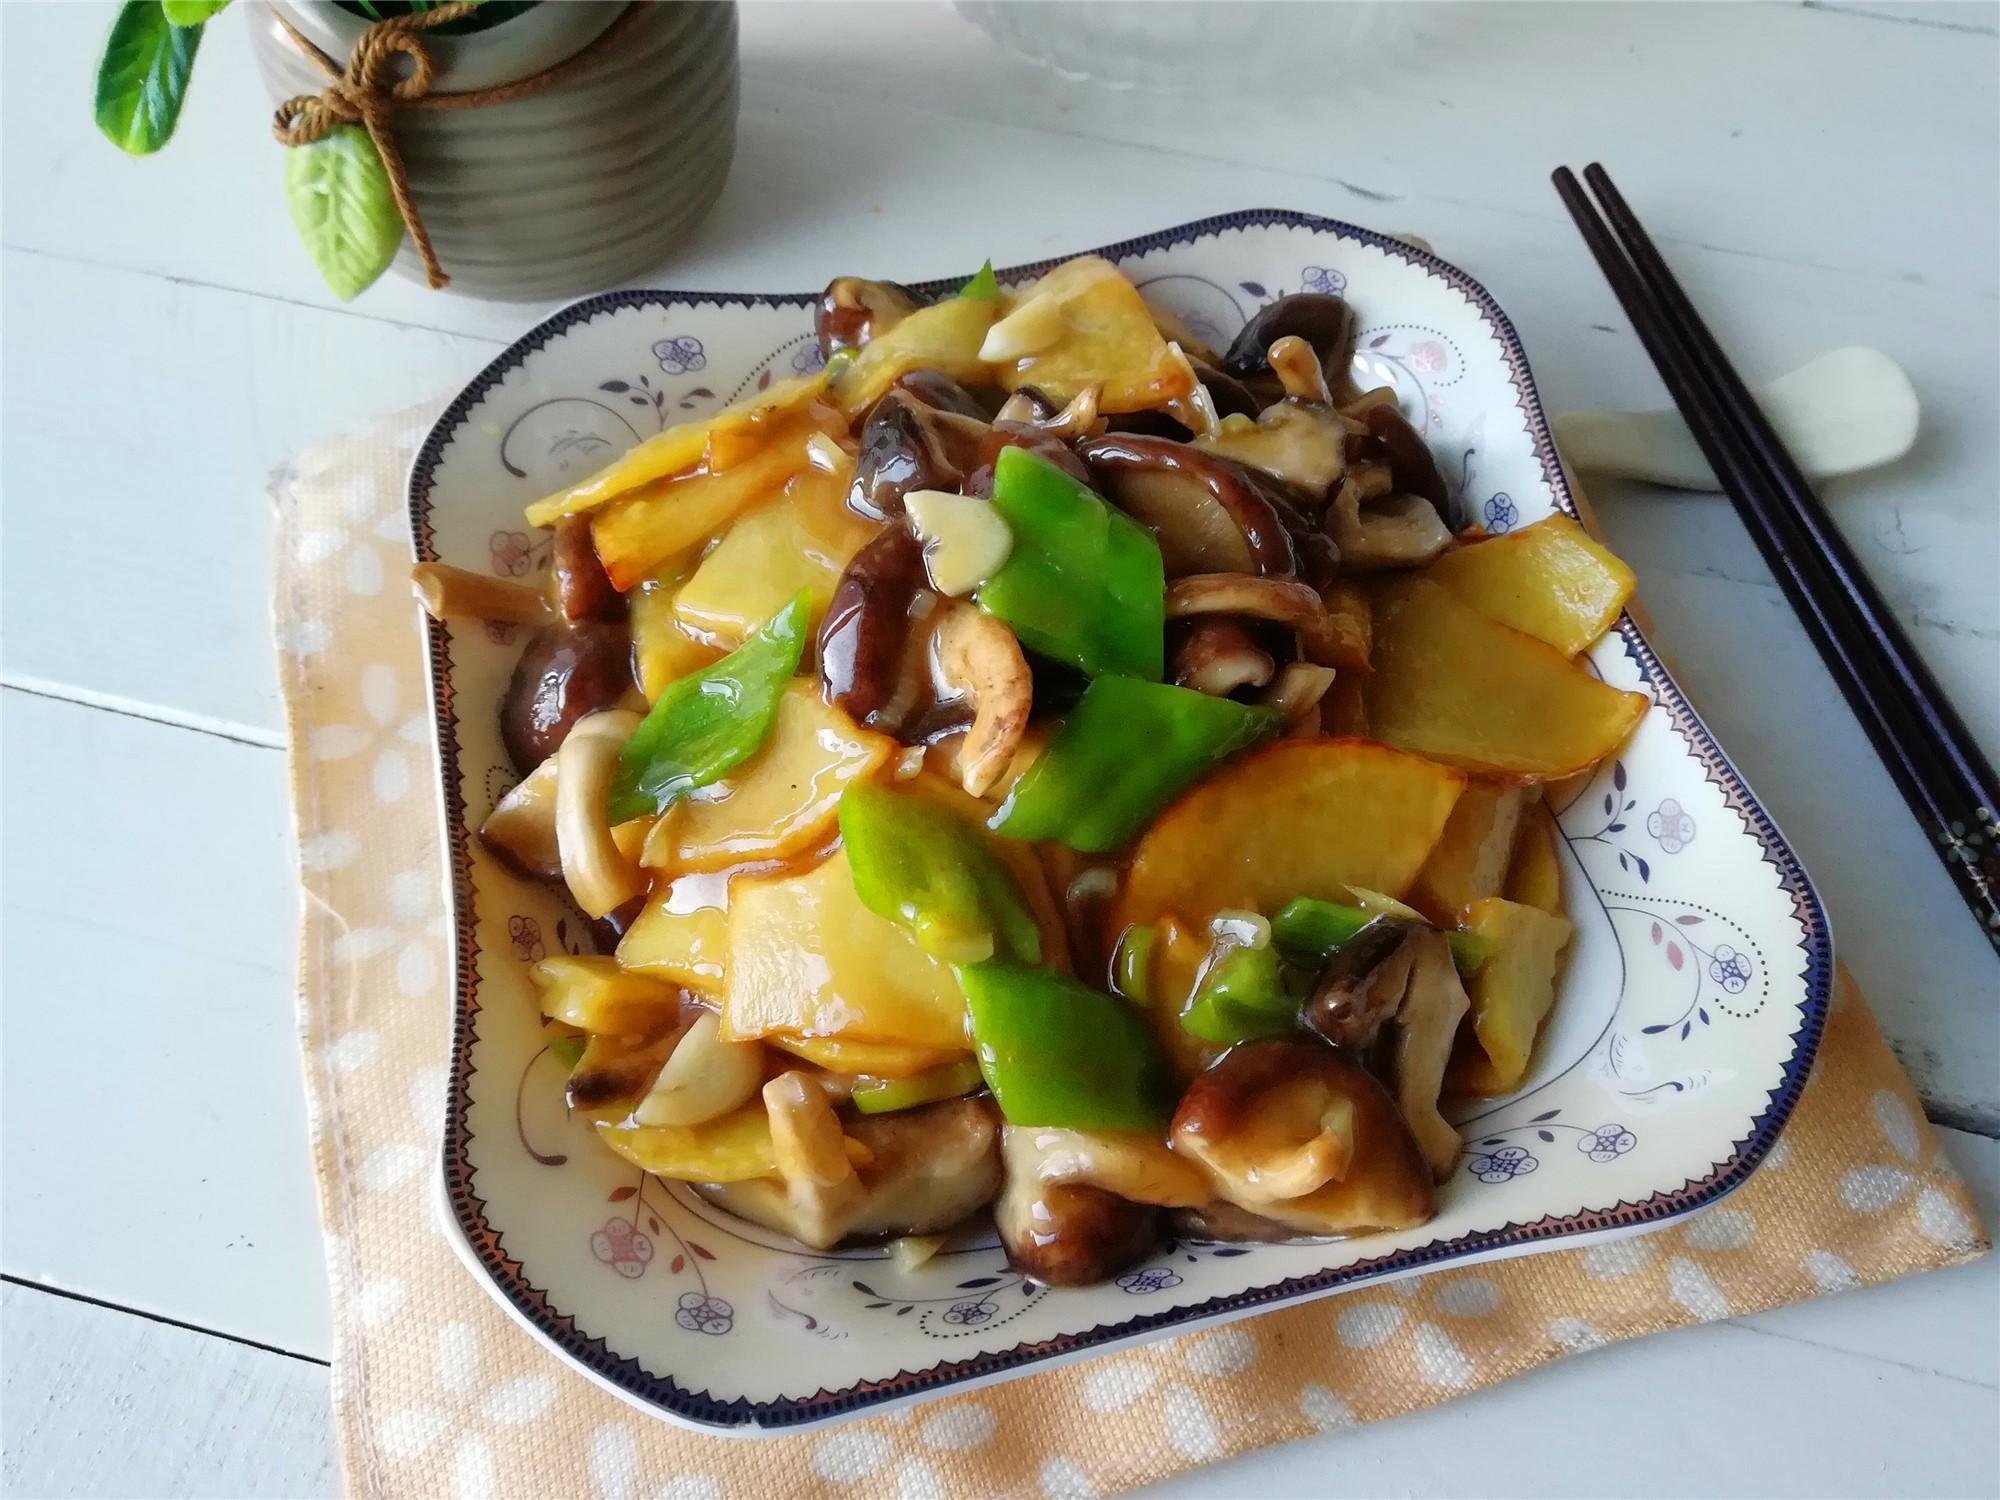 《年夜饭,大鱼大肉多,荤素搭配更健康,分享15道蔬菜小炒,收藏好》